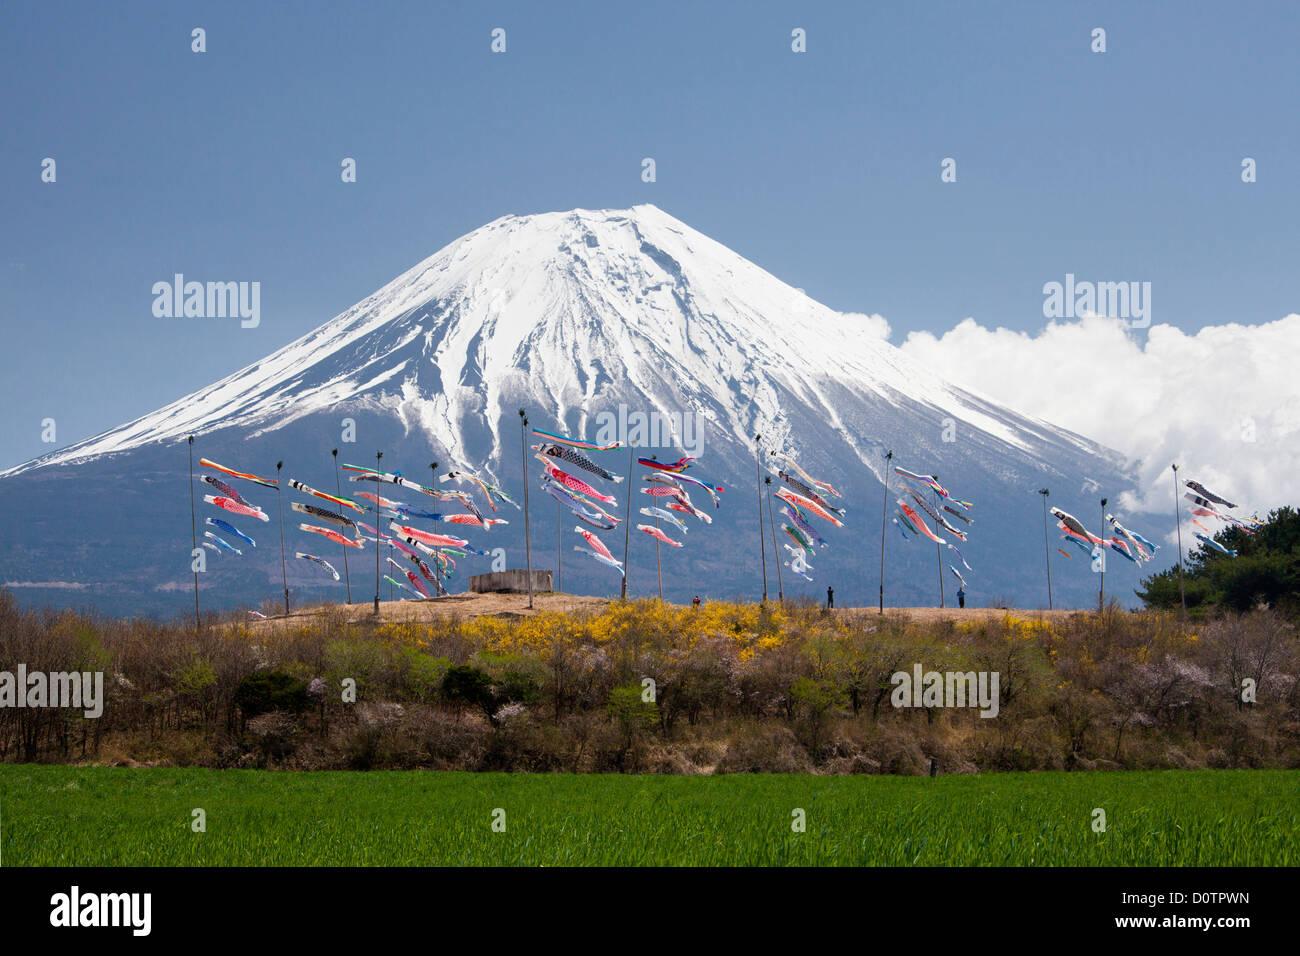 Giappone Asia viaggi di vacanza Bambini Koinobori Festival Monte Fuji Fuji Fujiyama Montagna neve molla volcano Immagini Stock